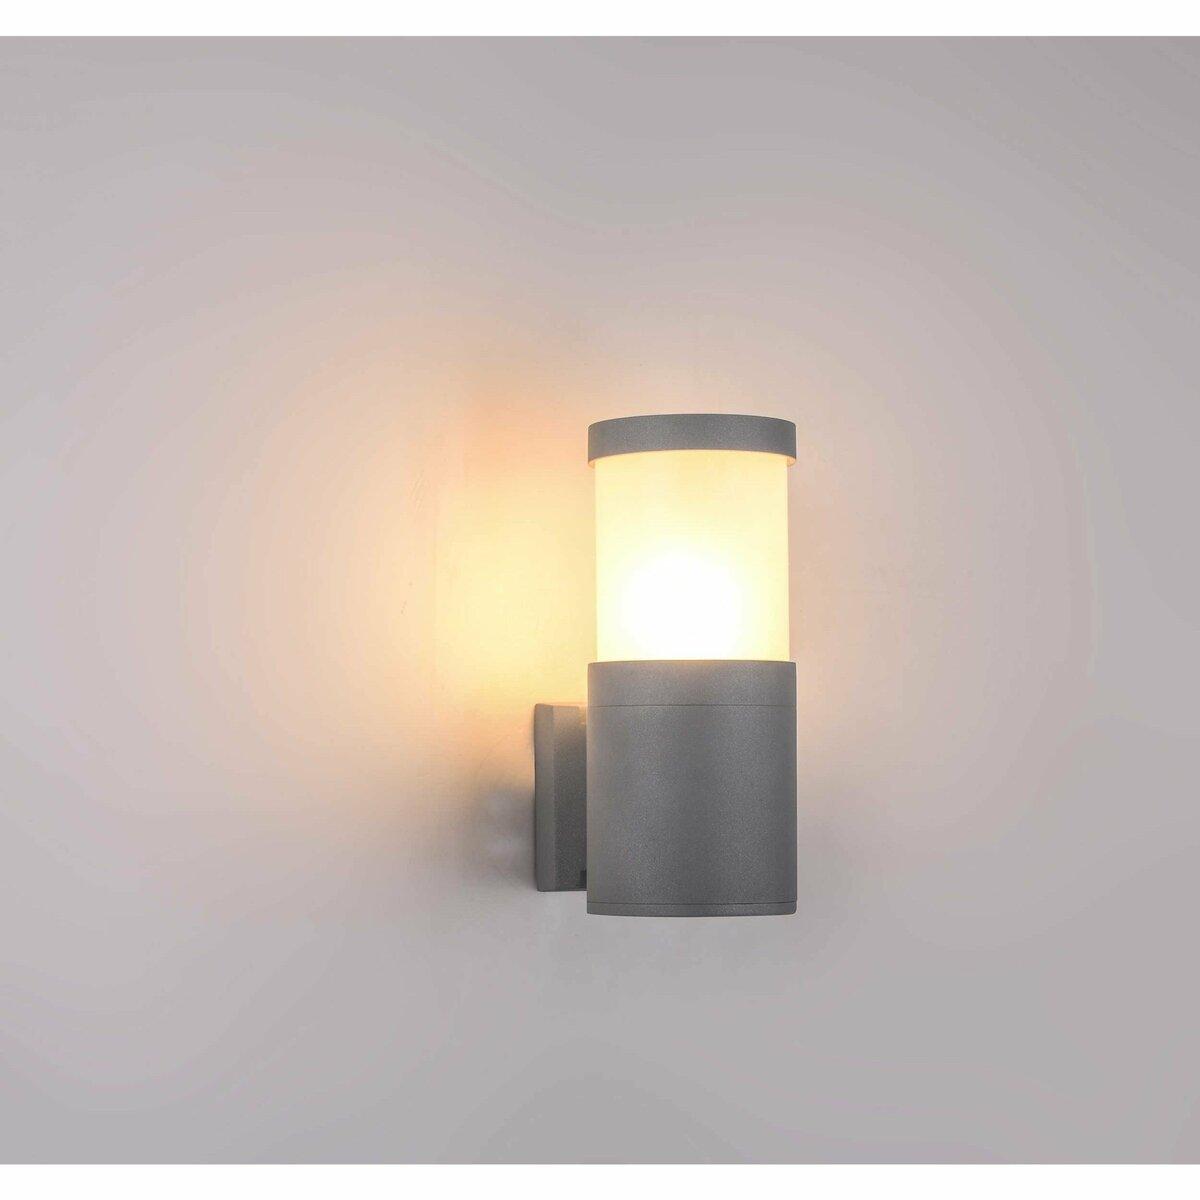 Bild 1 von DesignLive LED-Außenwandleuchte   ANTONIA